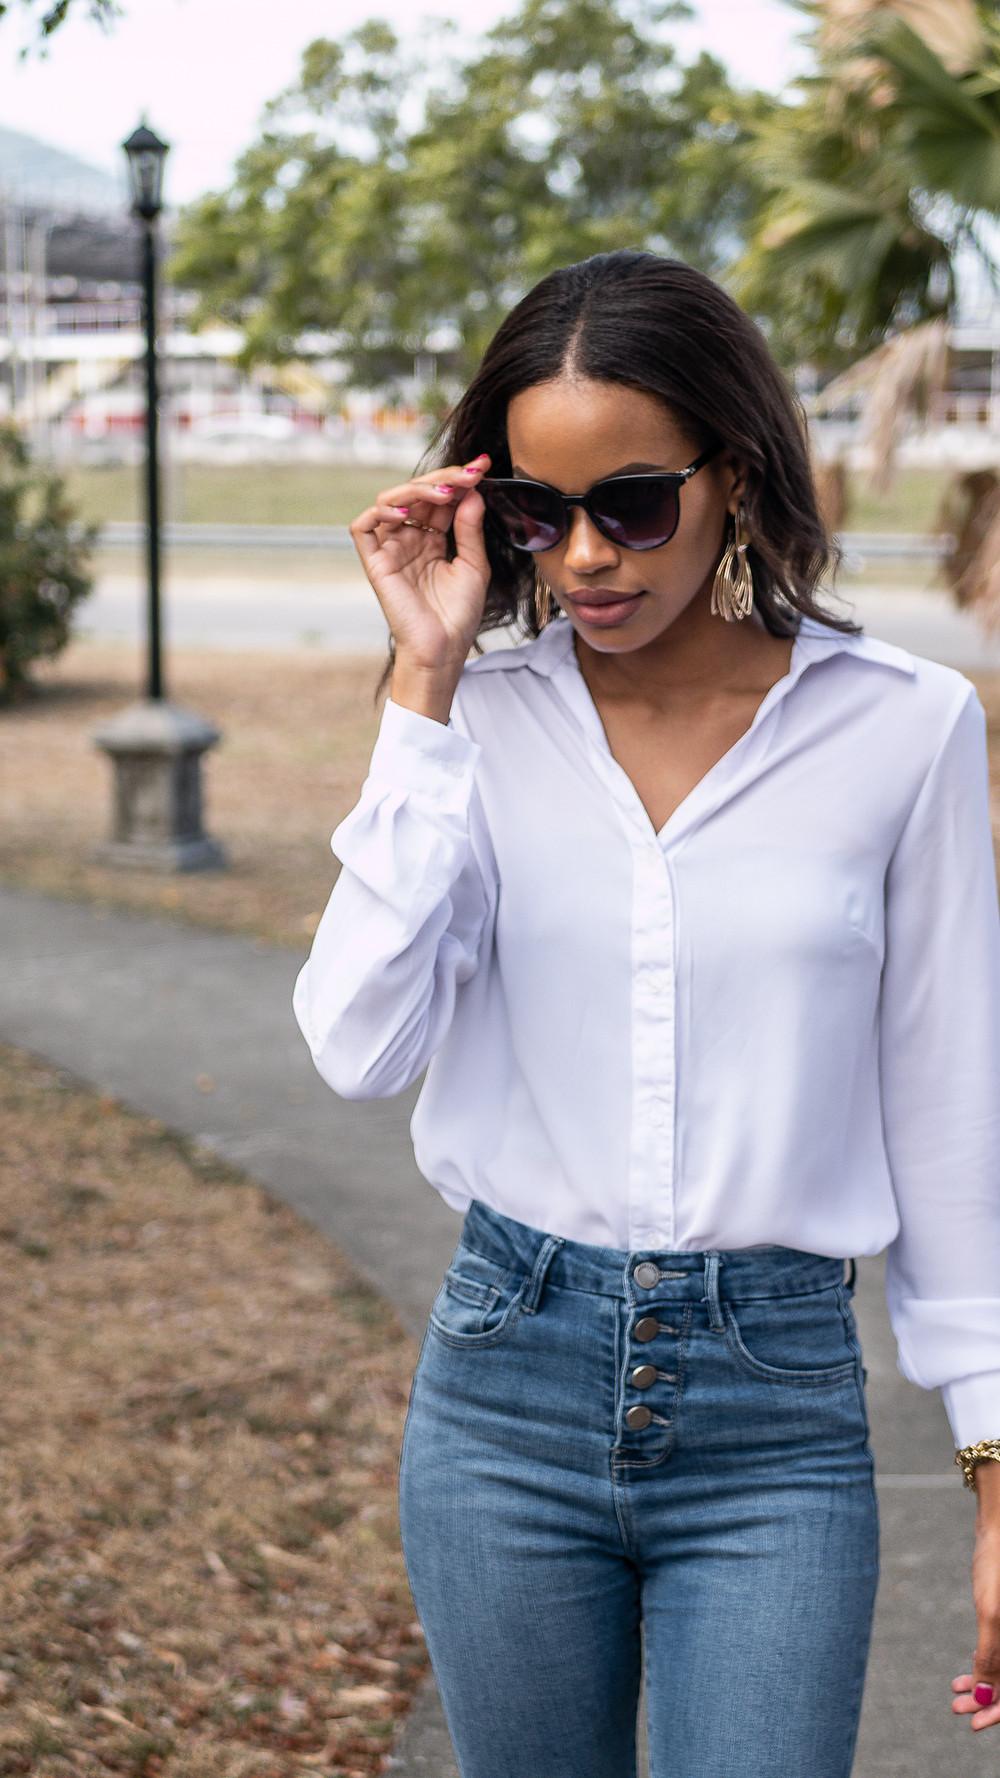 Chantelle Tatyana blog